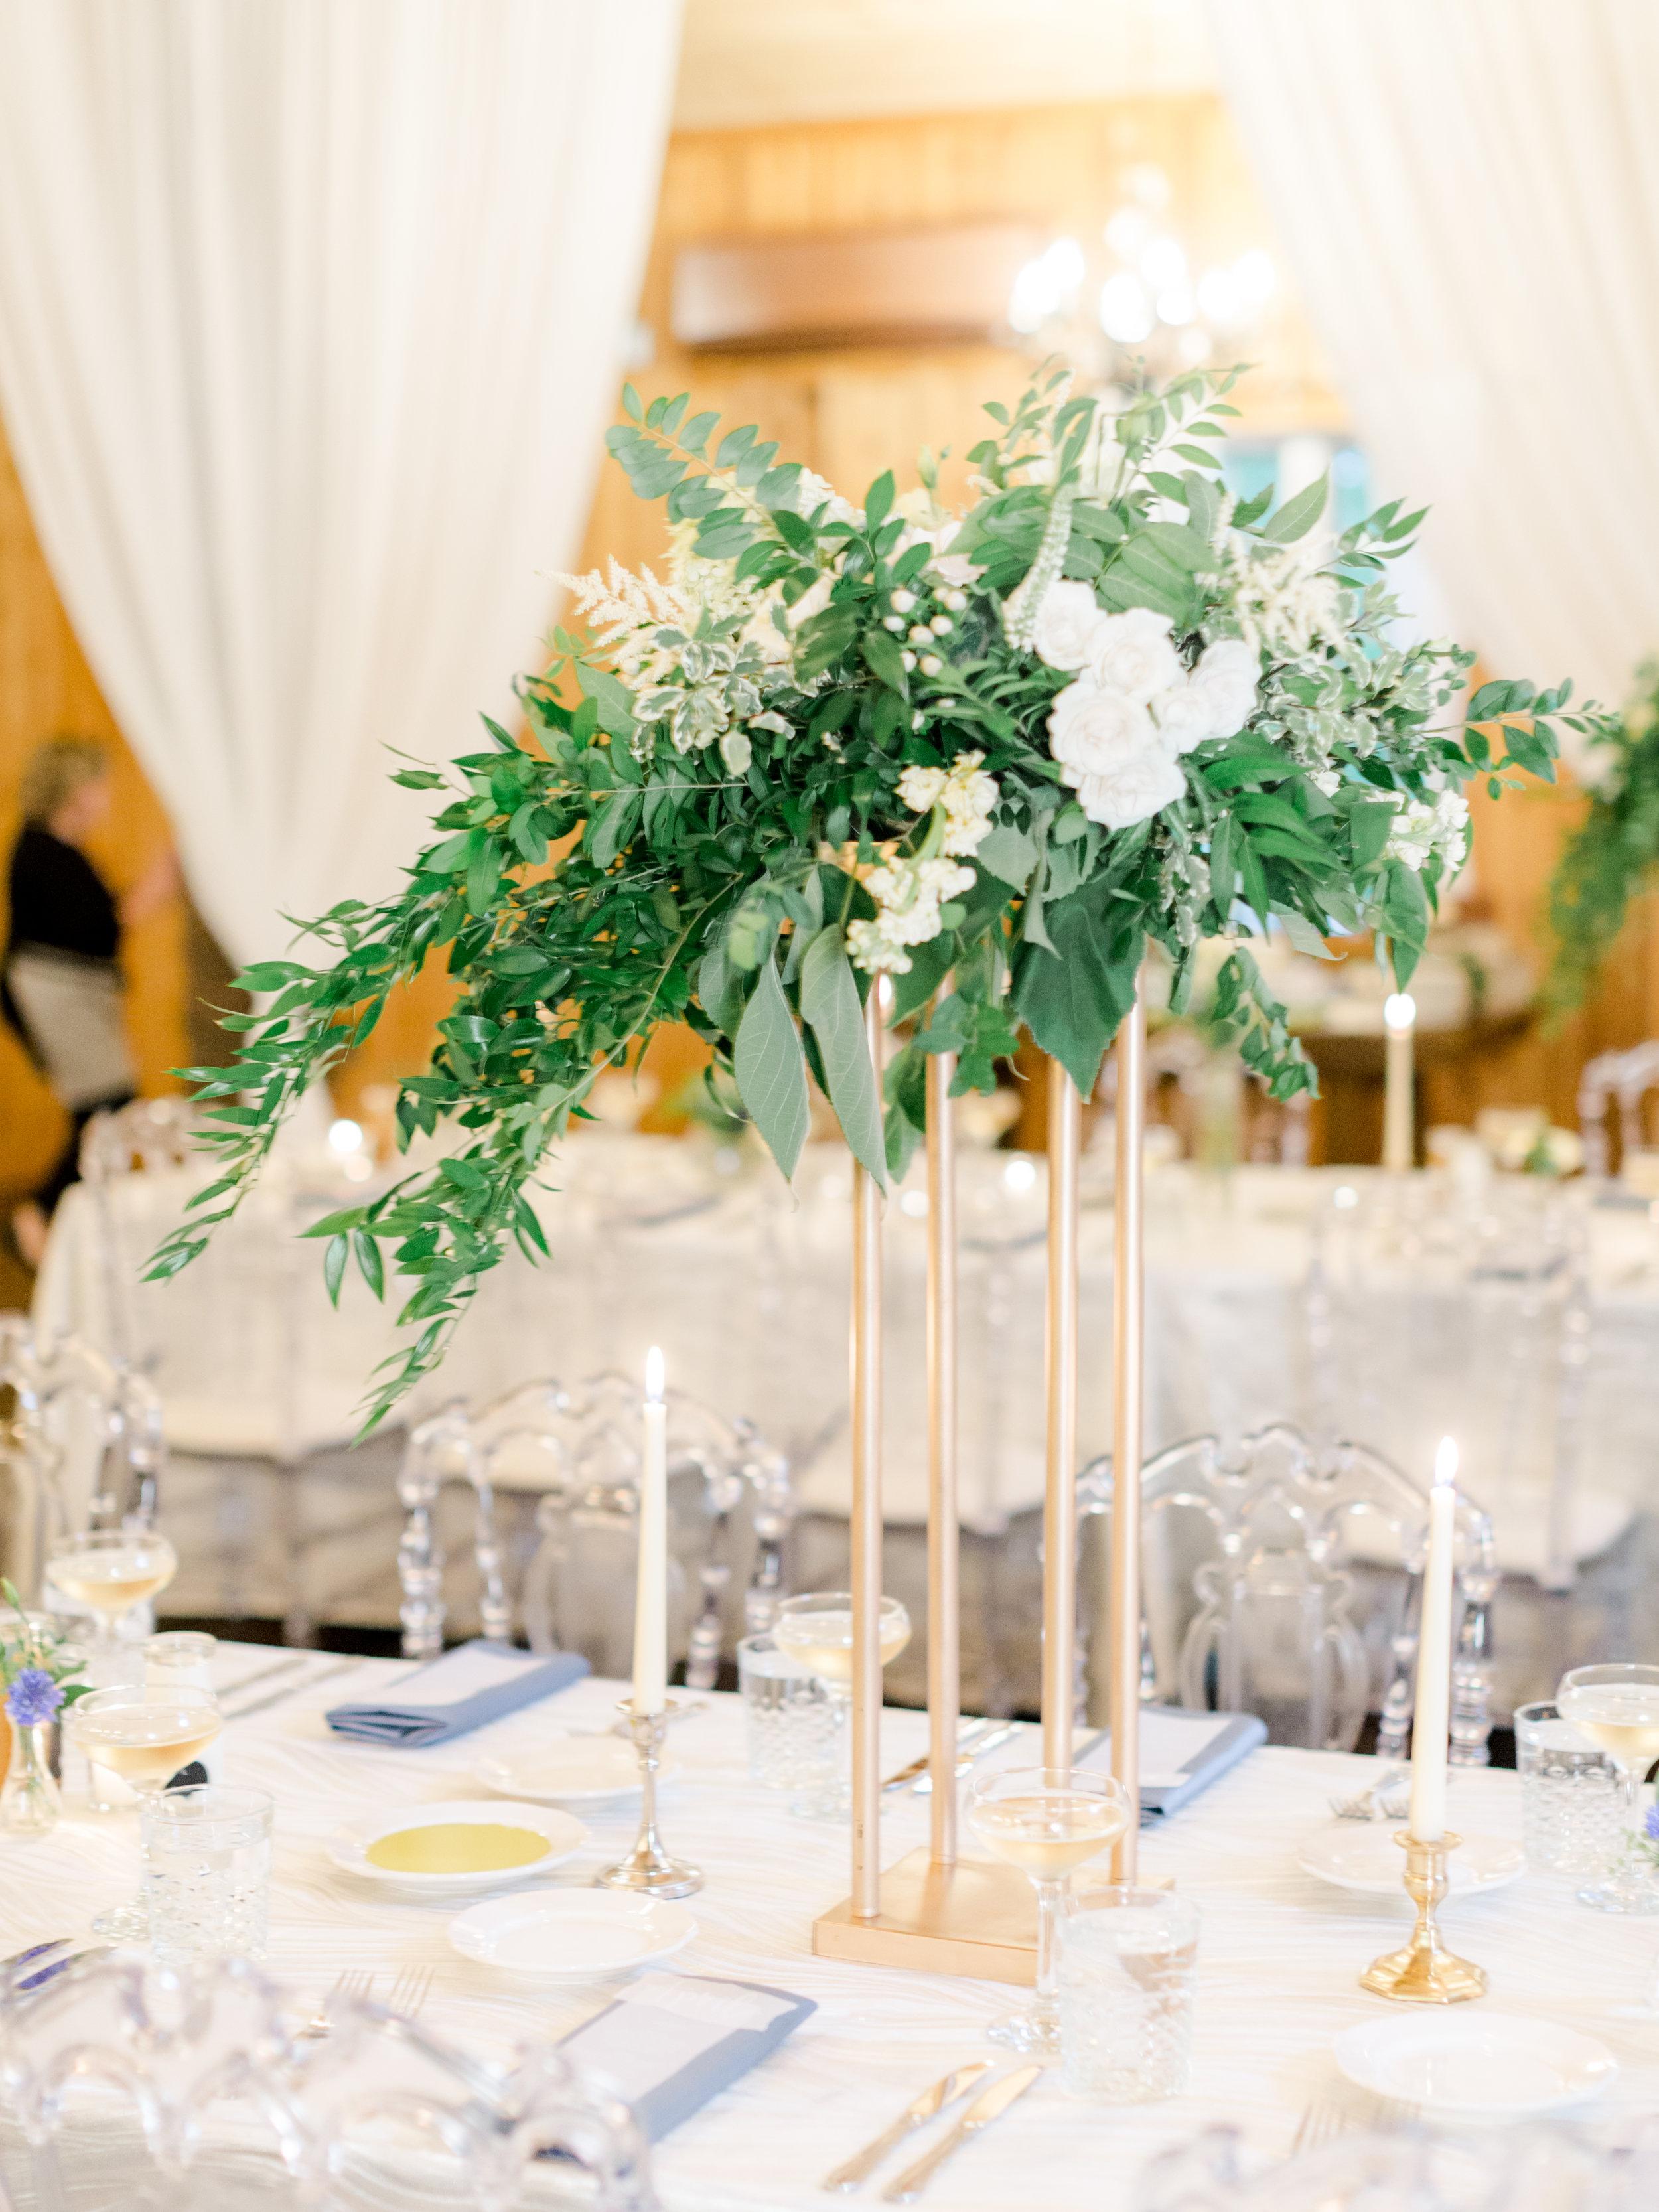 Kristen-Michael-Wedding-Details-122.jpg